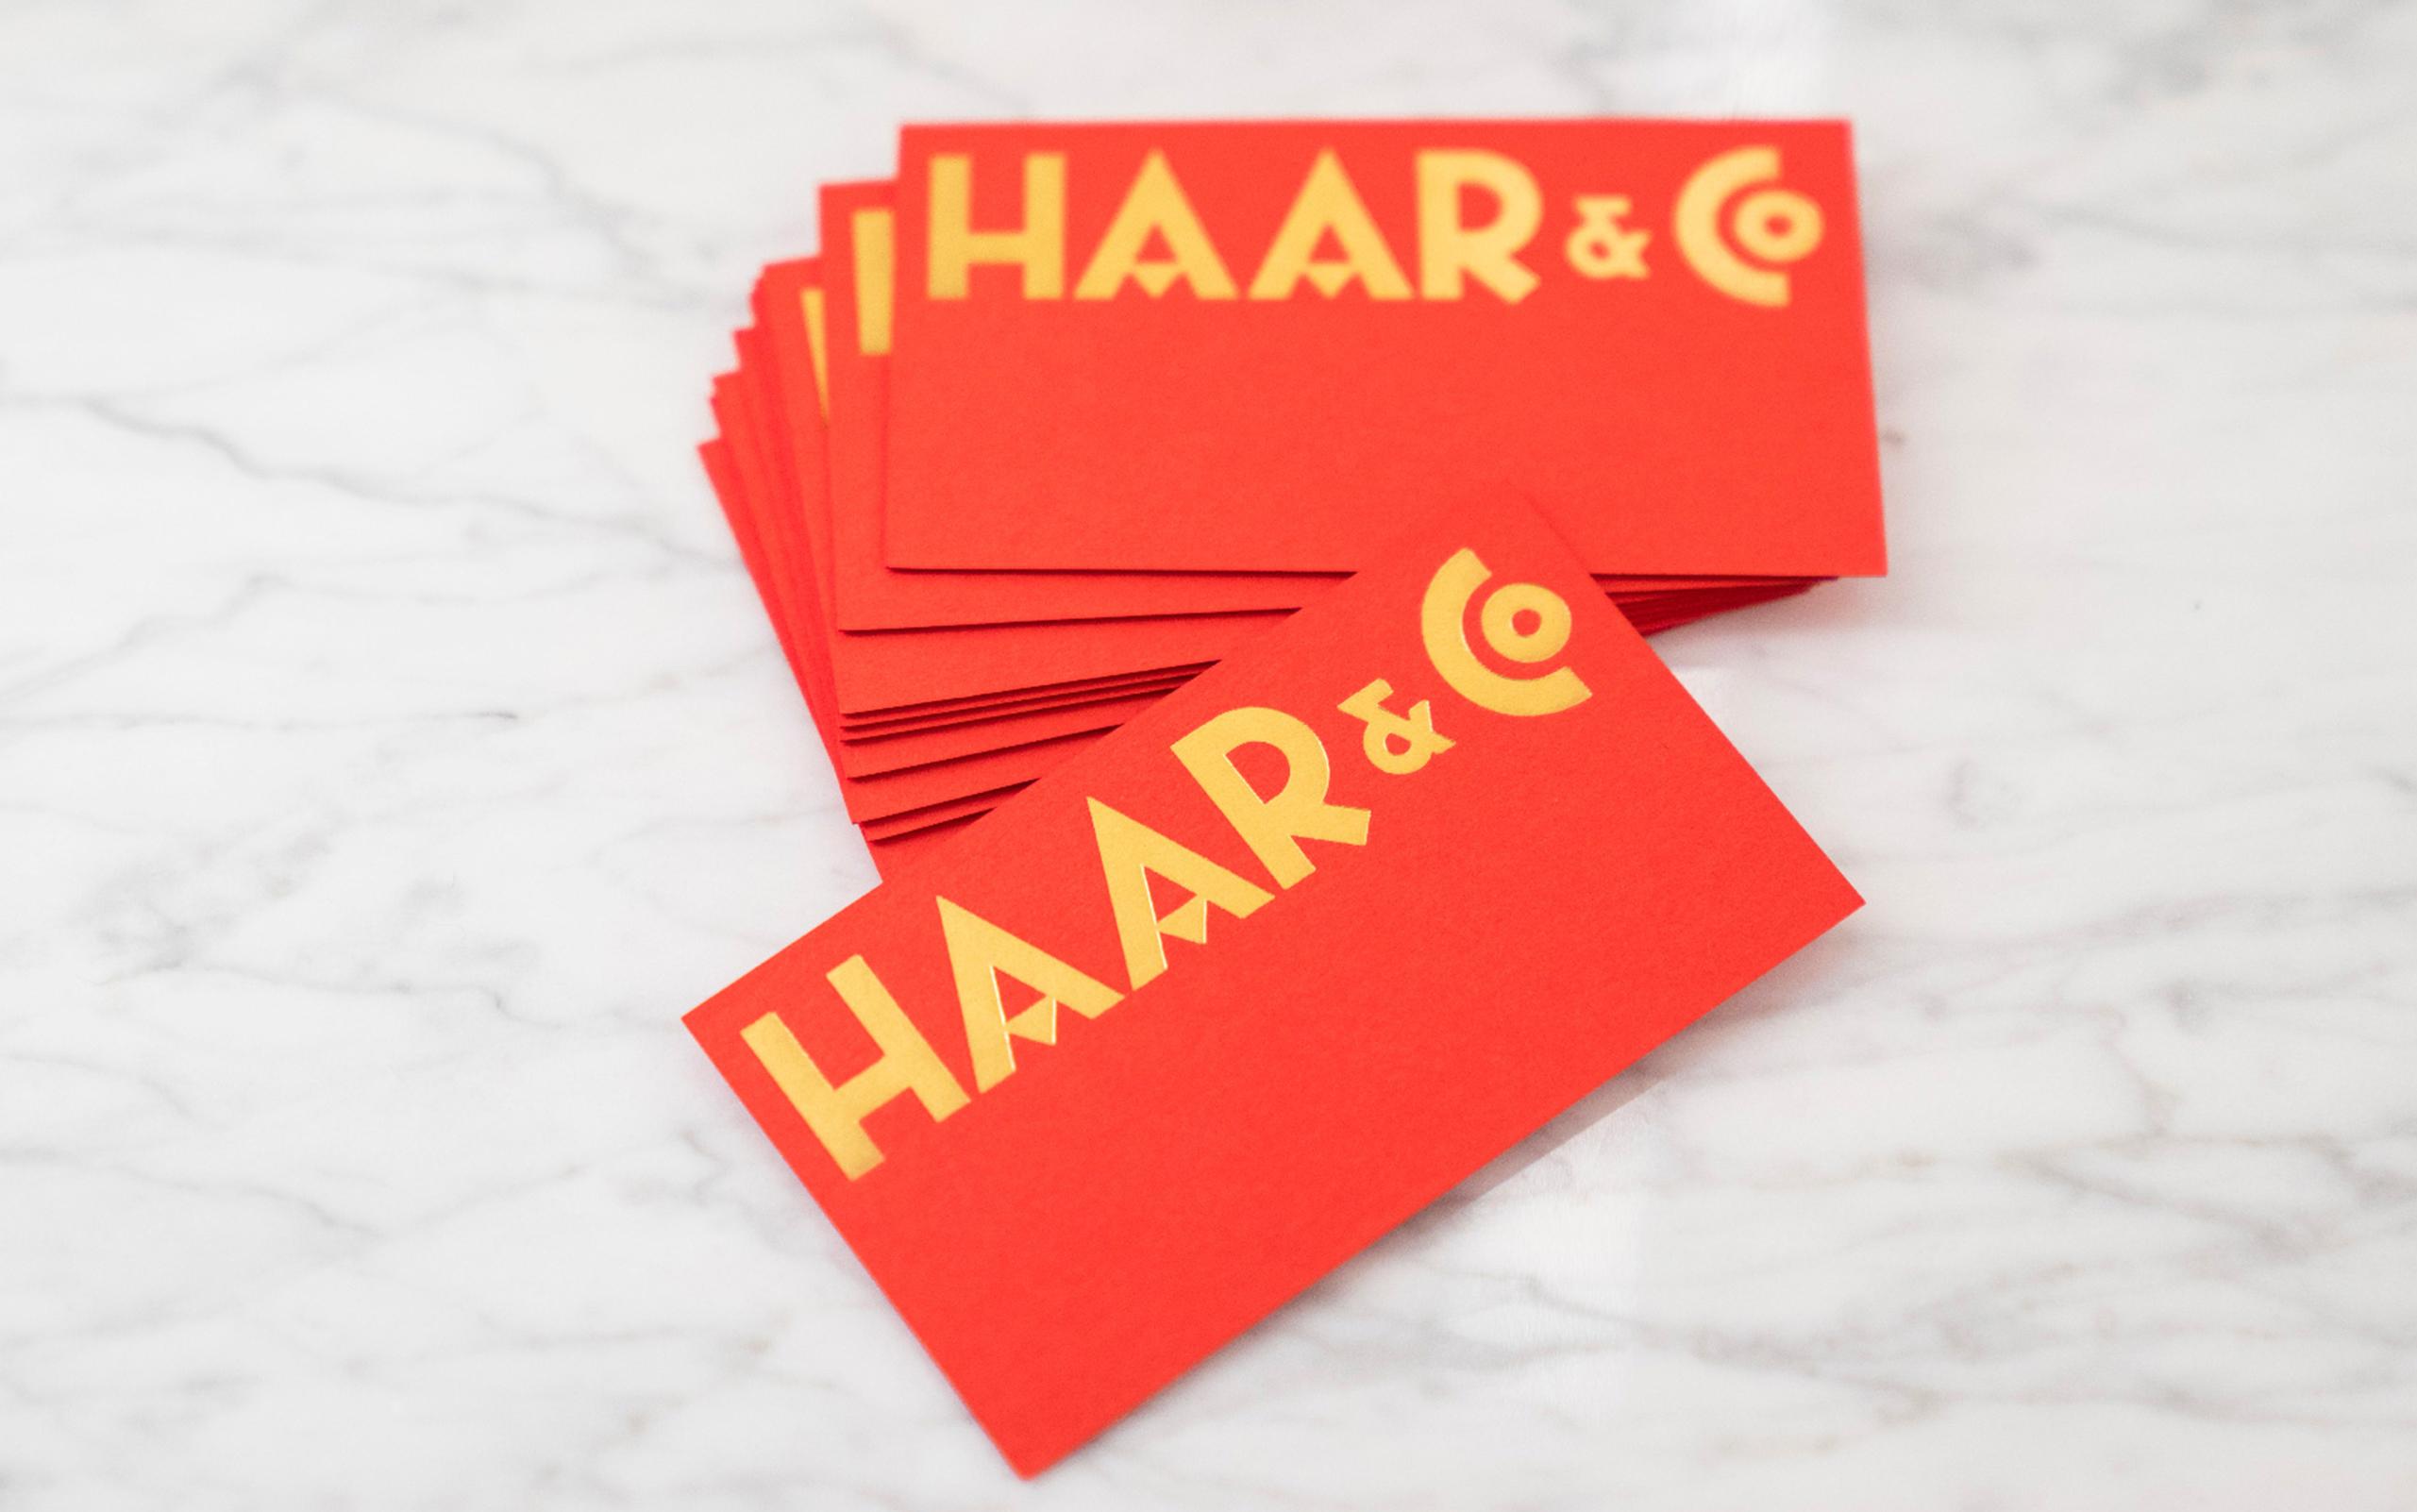 Haar & Co.